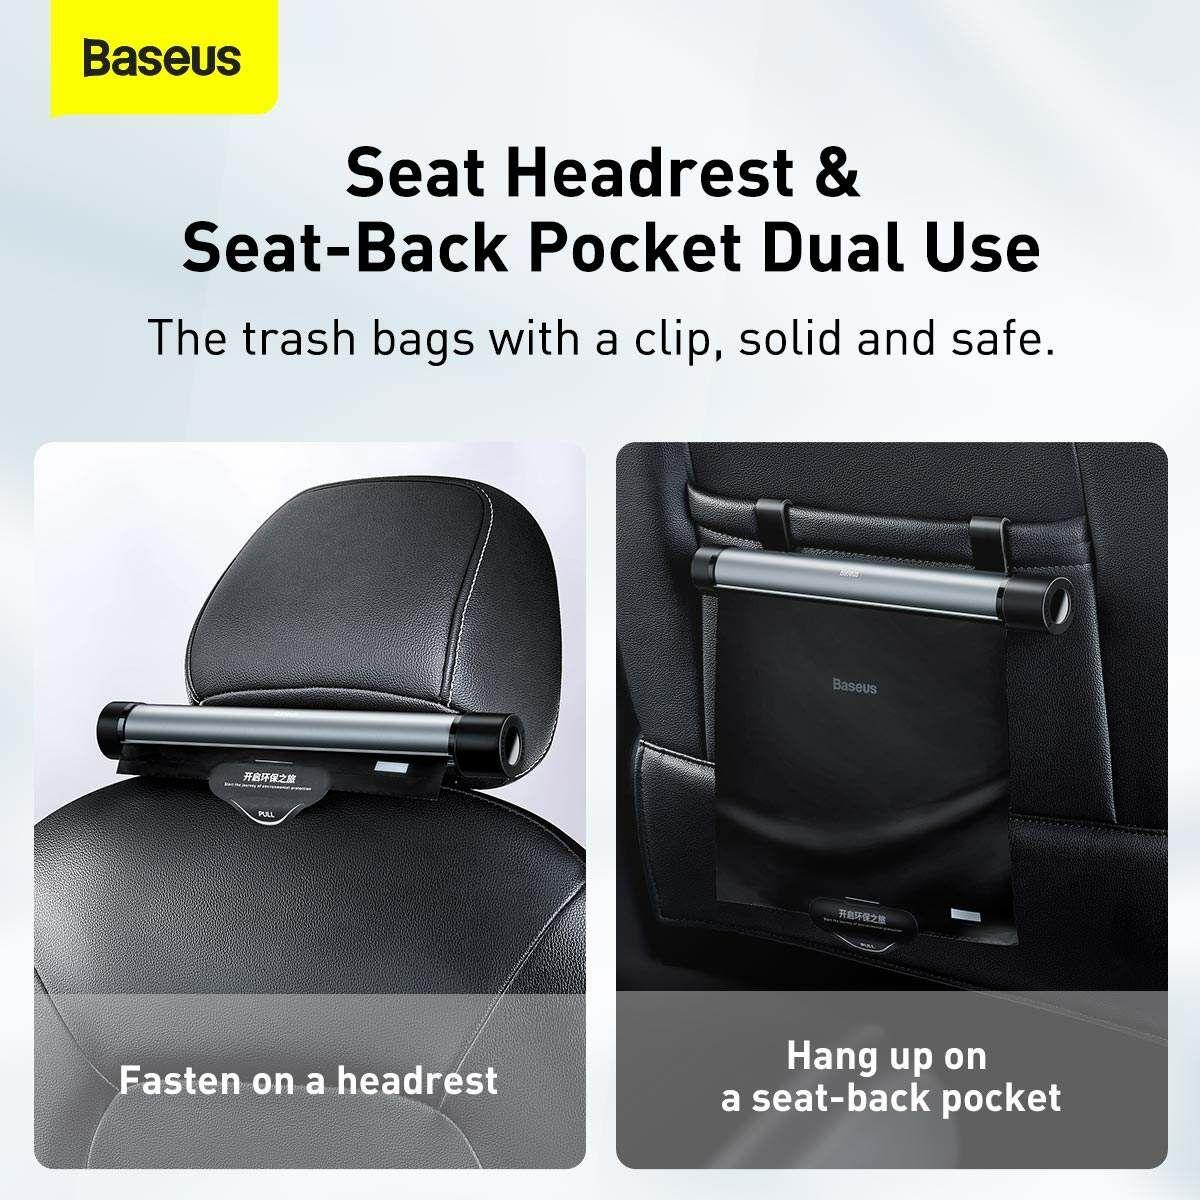 Baseus autós kiegészítő, Clean Garbage, szemeteszsák a hátsó ülés részre, fekete (CRLJD-C01)